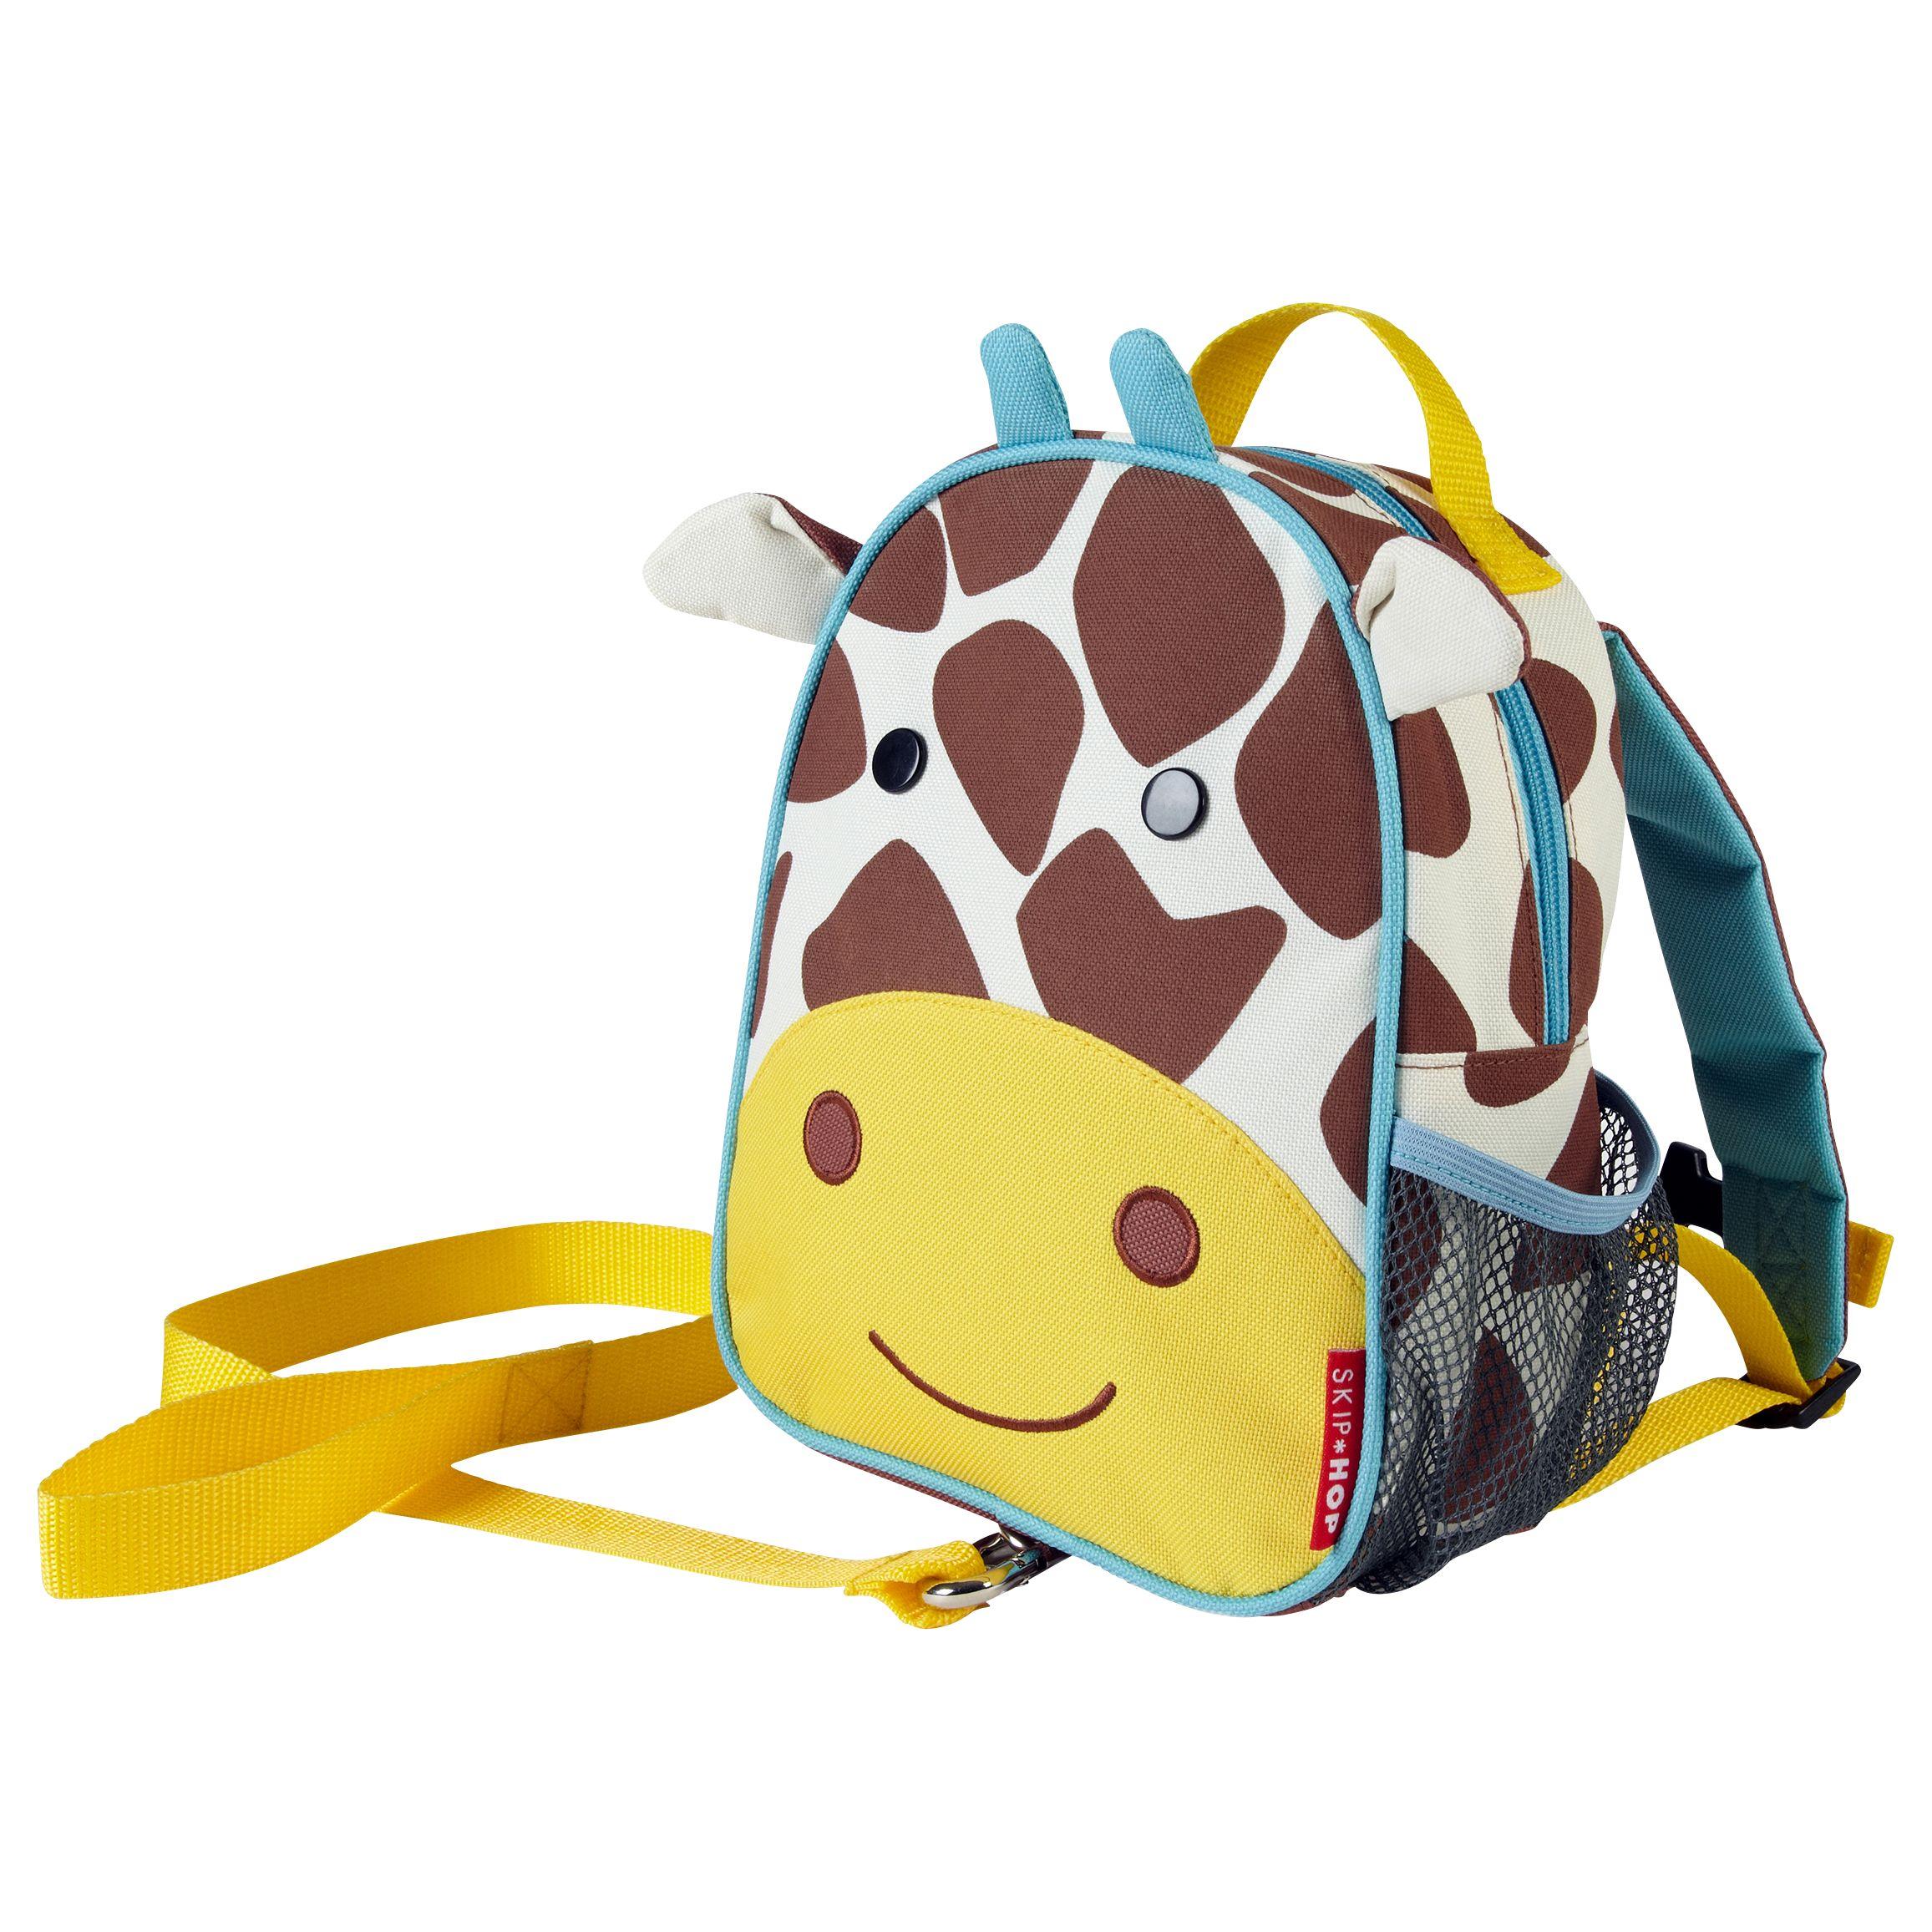 Skip Hop Skip Hop Zoolet Giraffe Toddler Backpack